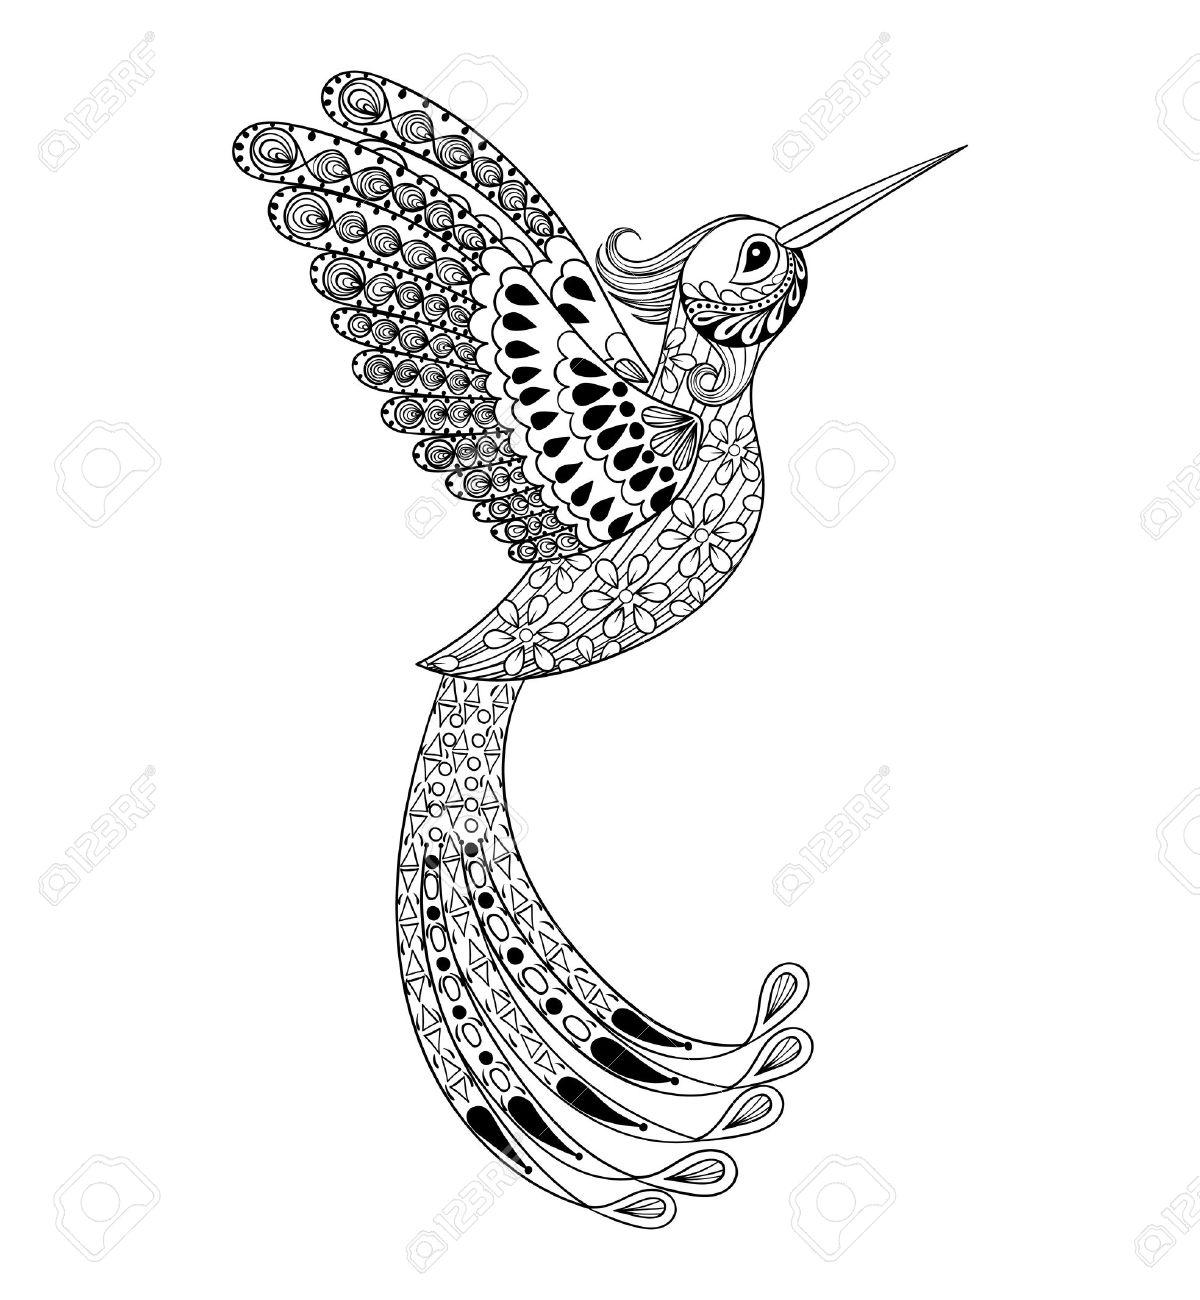 Zentangle Dibujado A Mano Artísticamente Colibrí El Pájaro De Vuelo